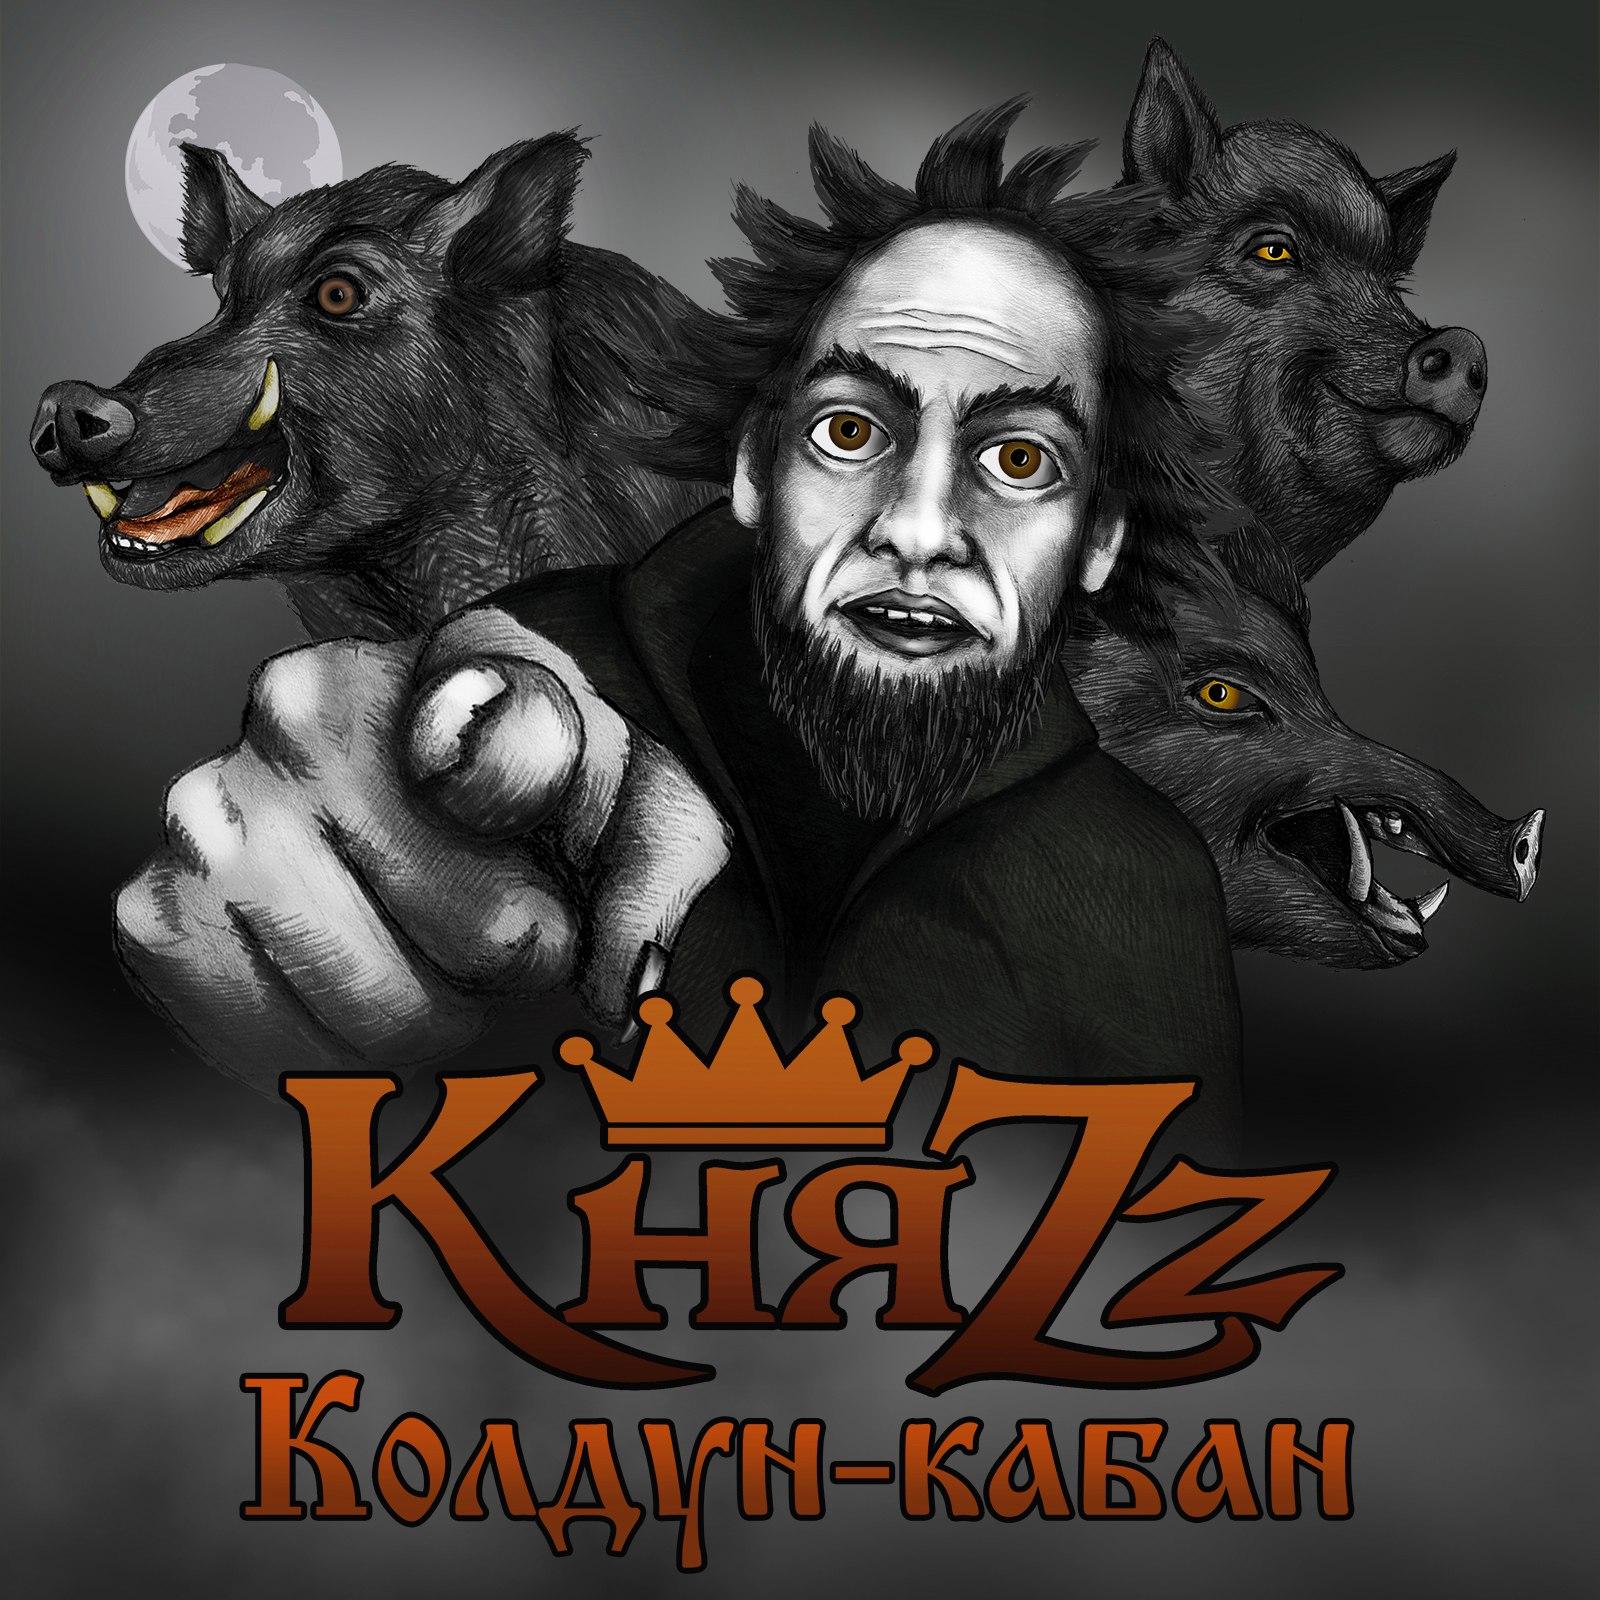 КняZz выпустил два сингла